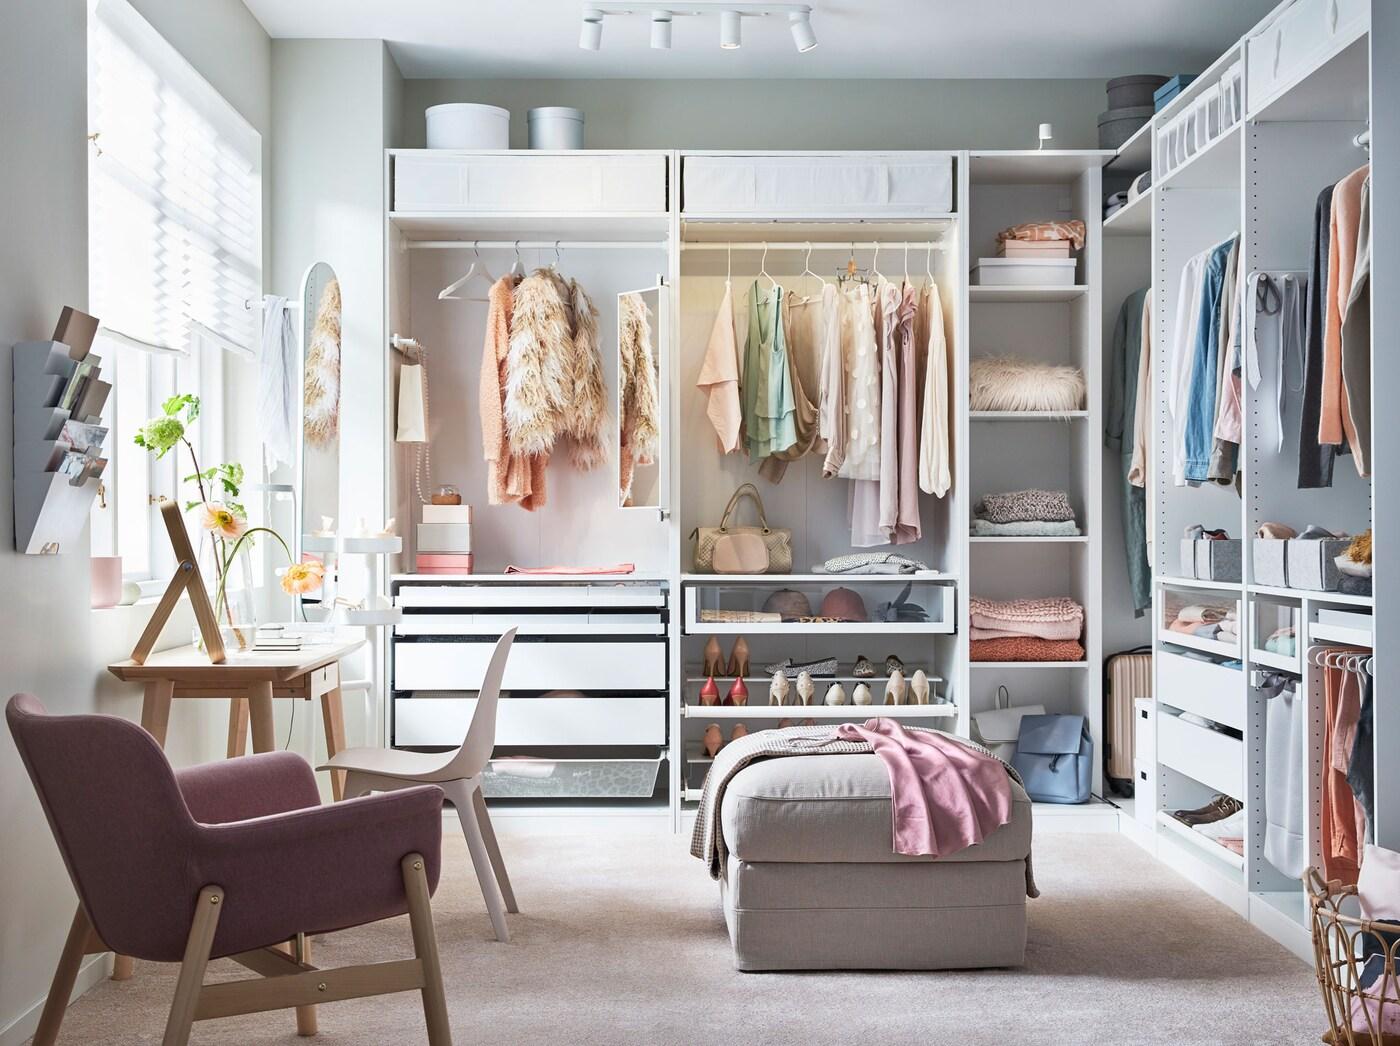 O sistema de roupeiros PAX e o sistema de arrumação KOMPLEMENT combinam bem para criar este closet de sonho. Inspire-se e organize também o seu roupeiro!